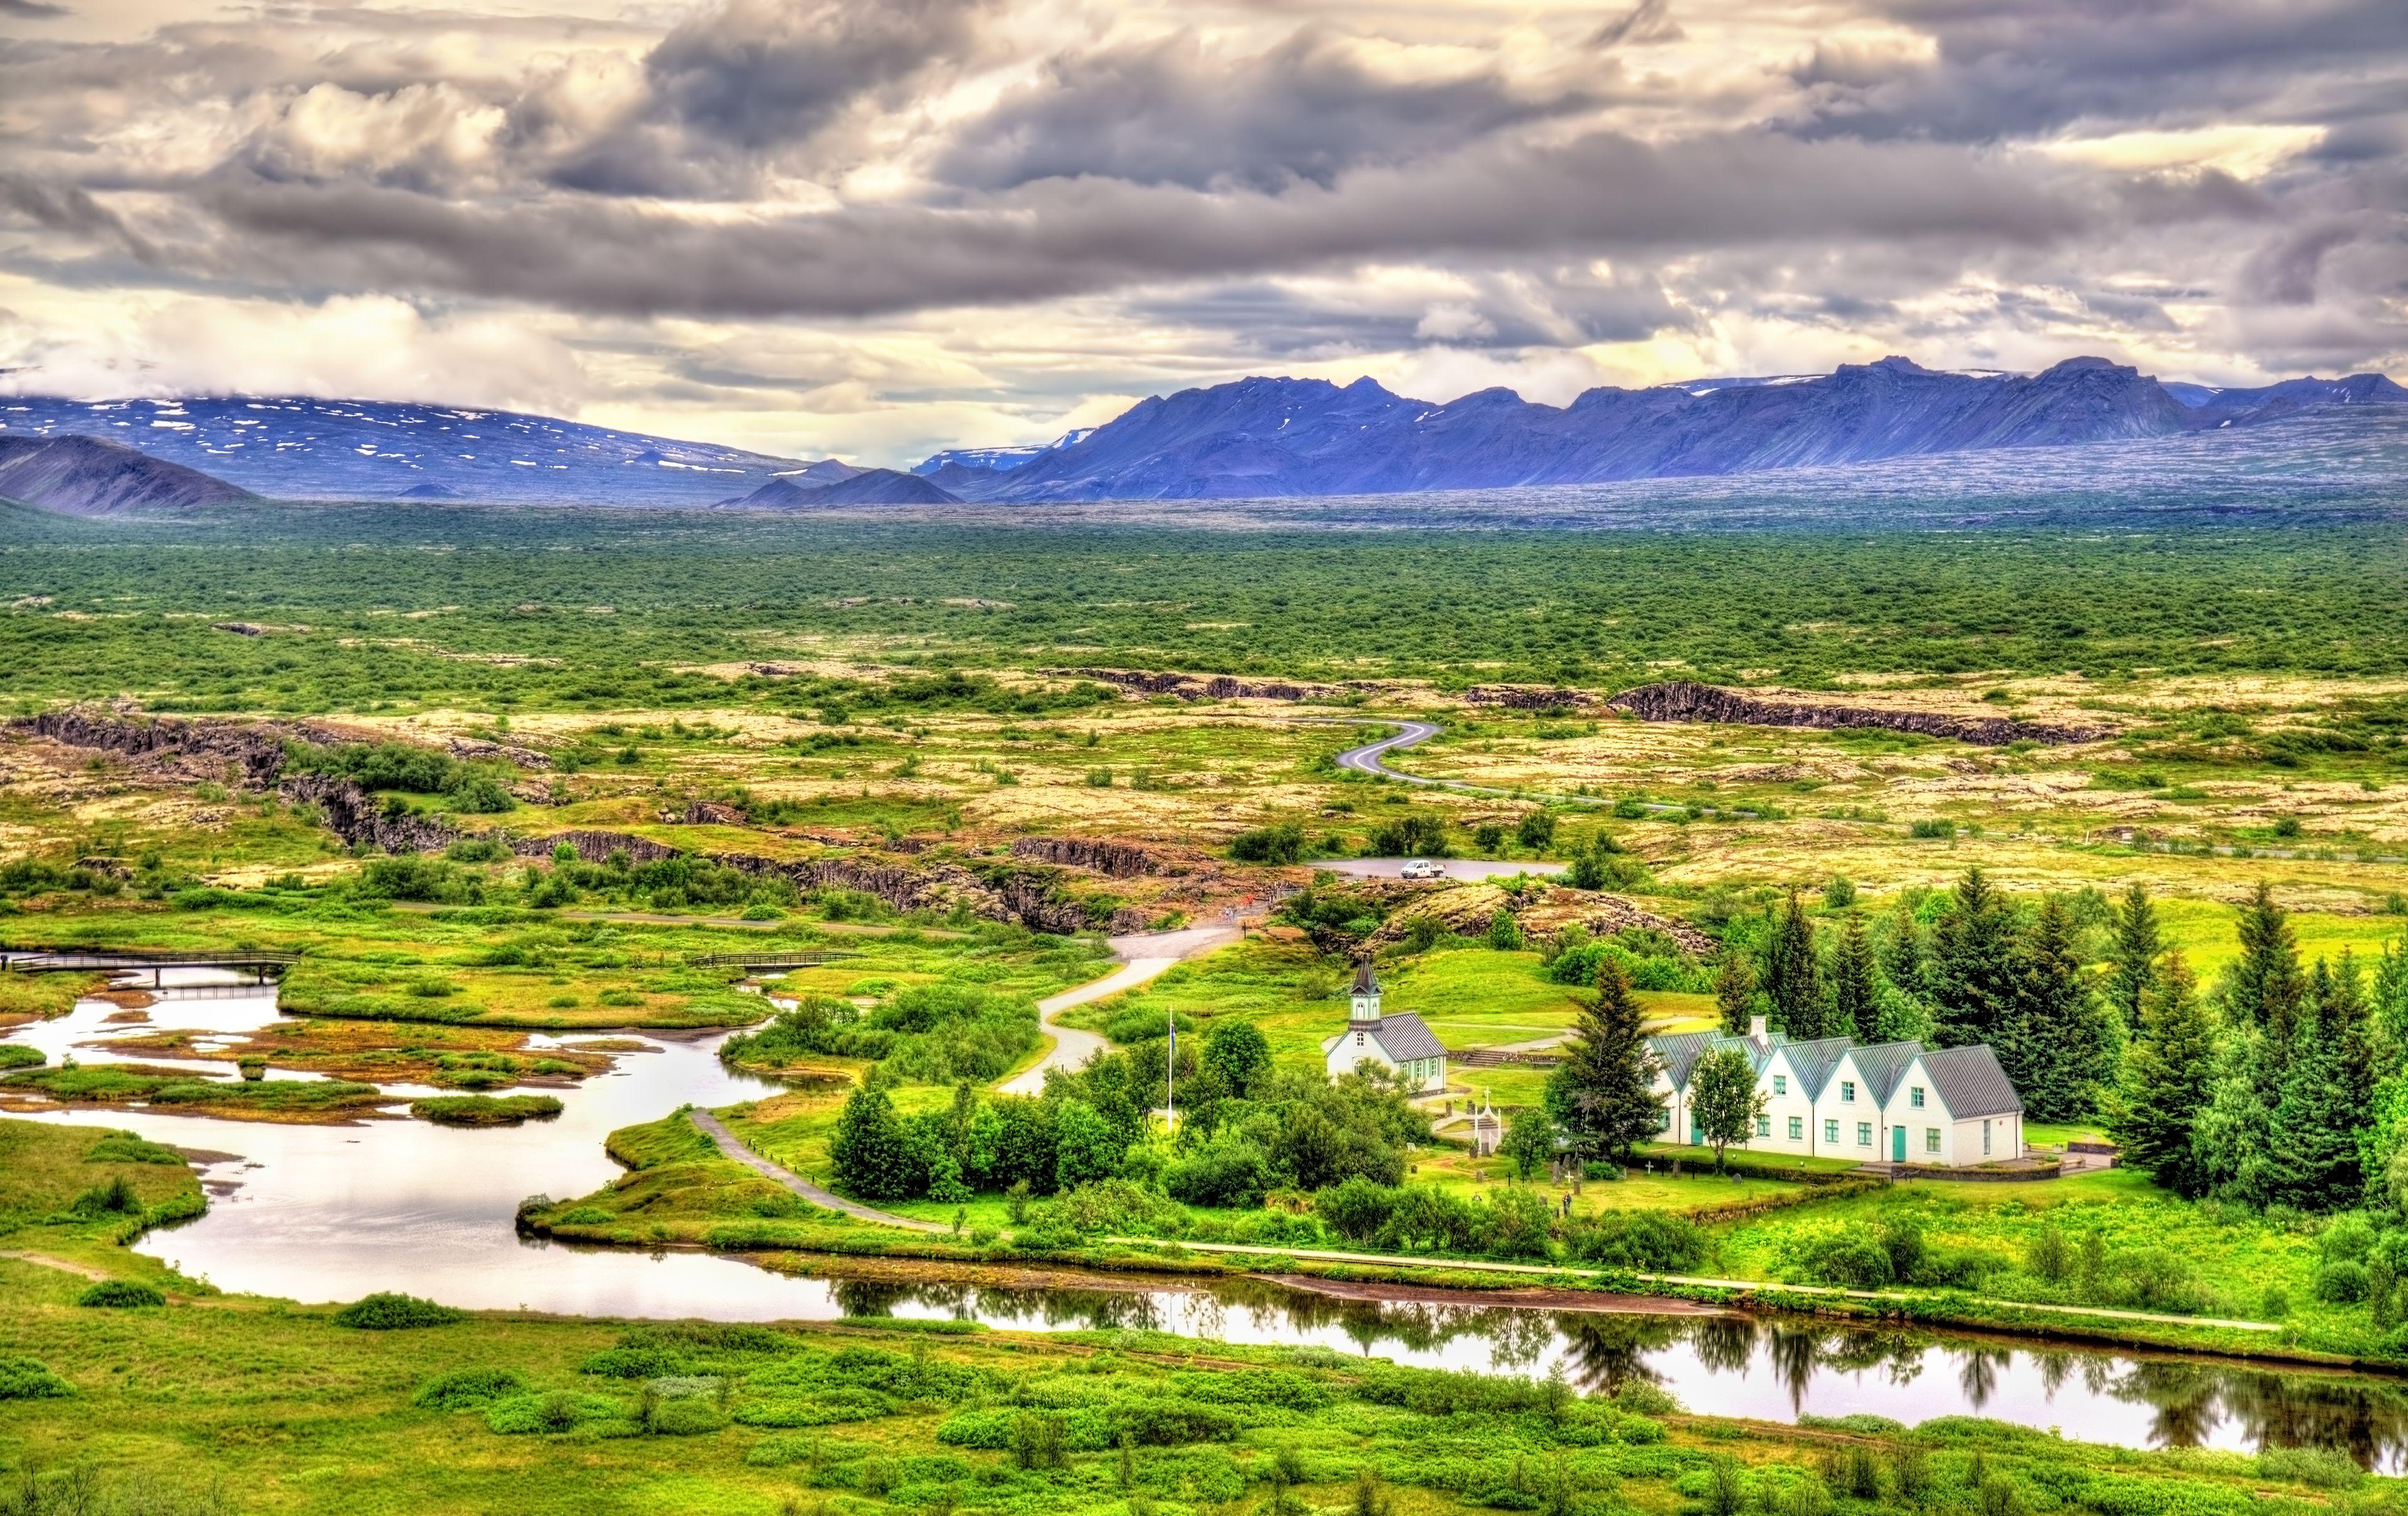 Þingvellir_church_and_lake.jpg